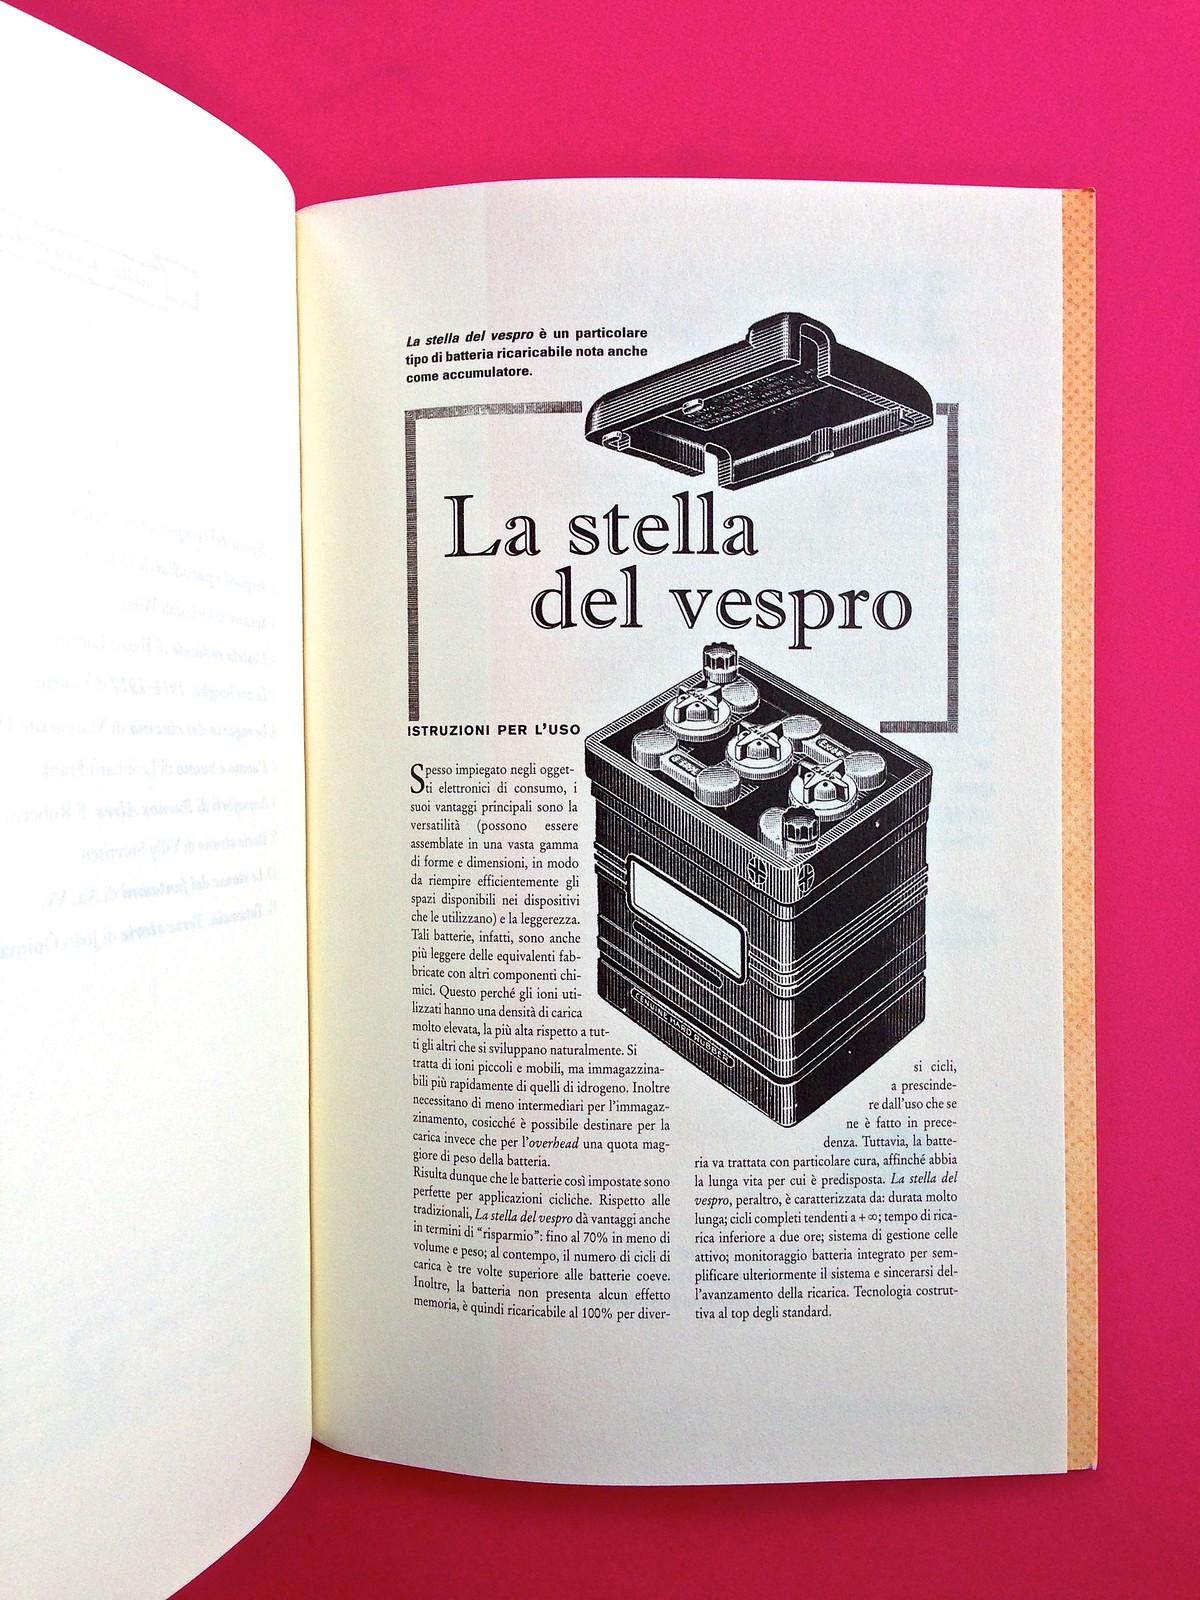 La stella del vespro, di Colette. Del Vecchio Editore 2015. Art direction, cover, illustrazioni, logo design: IFIX | Maurizio Ceccato. Pag. 276 e 277 (part.), 1